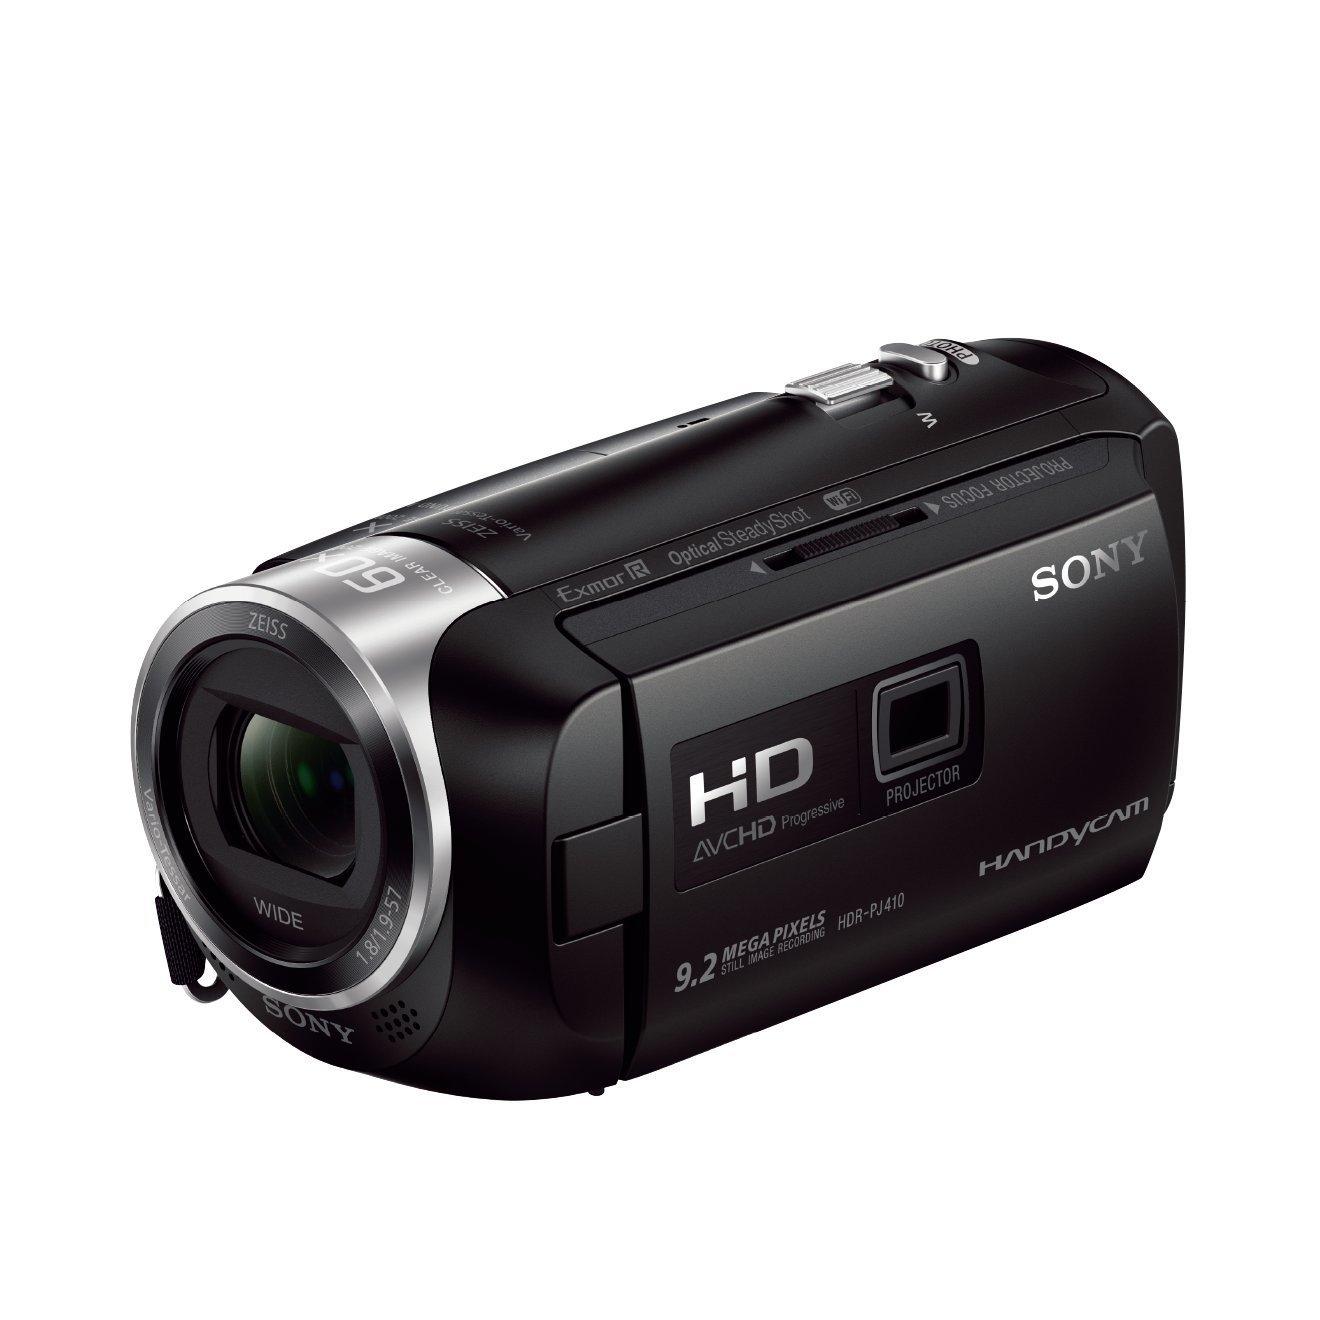 Camescope Sony HDR-PJ410 avec projecteur intégré, 1080p, Zoom optique 30x, 2.51 Mpix